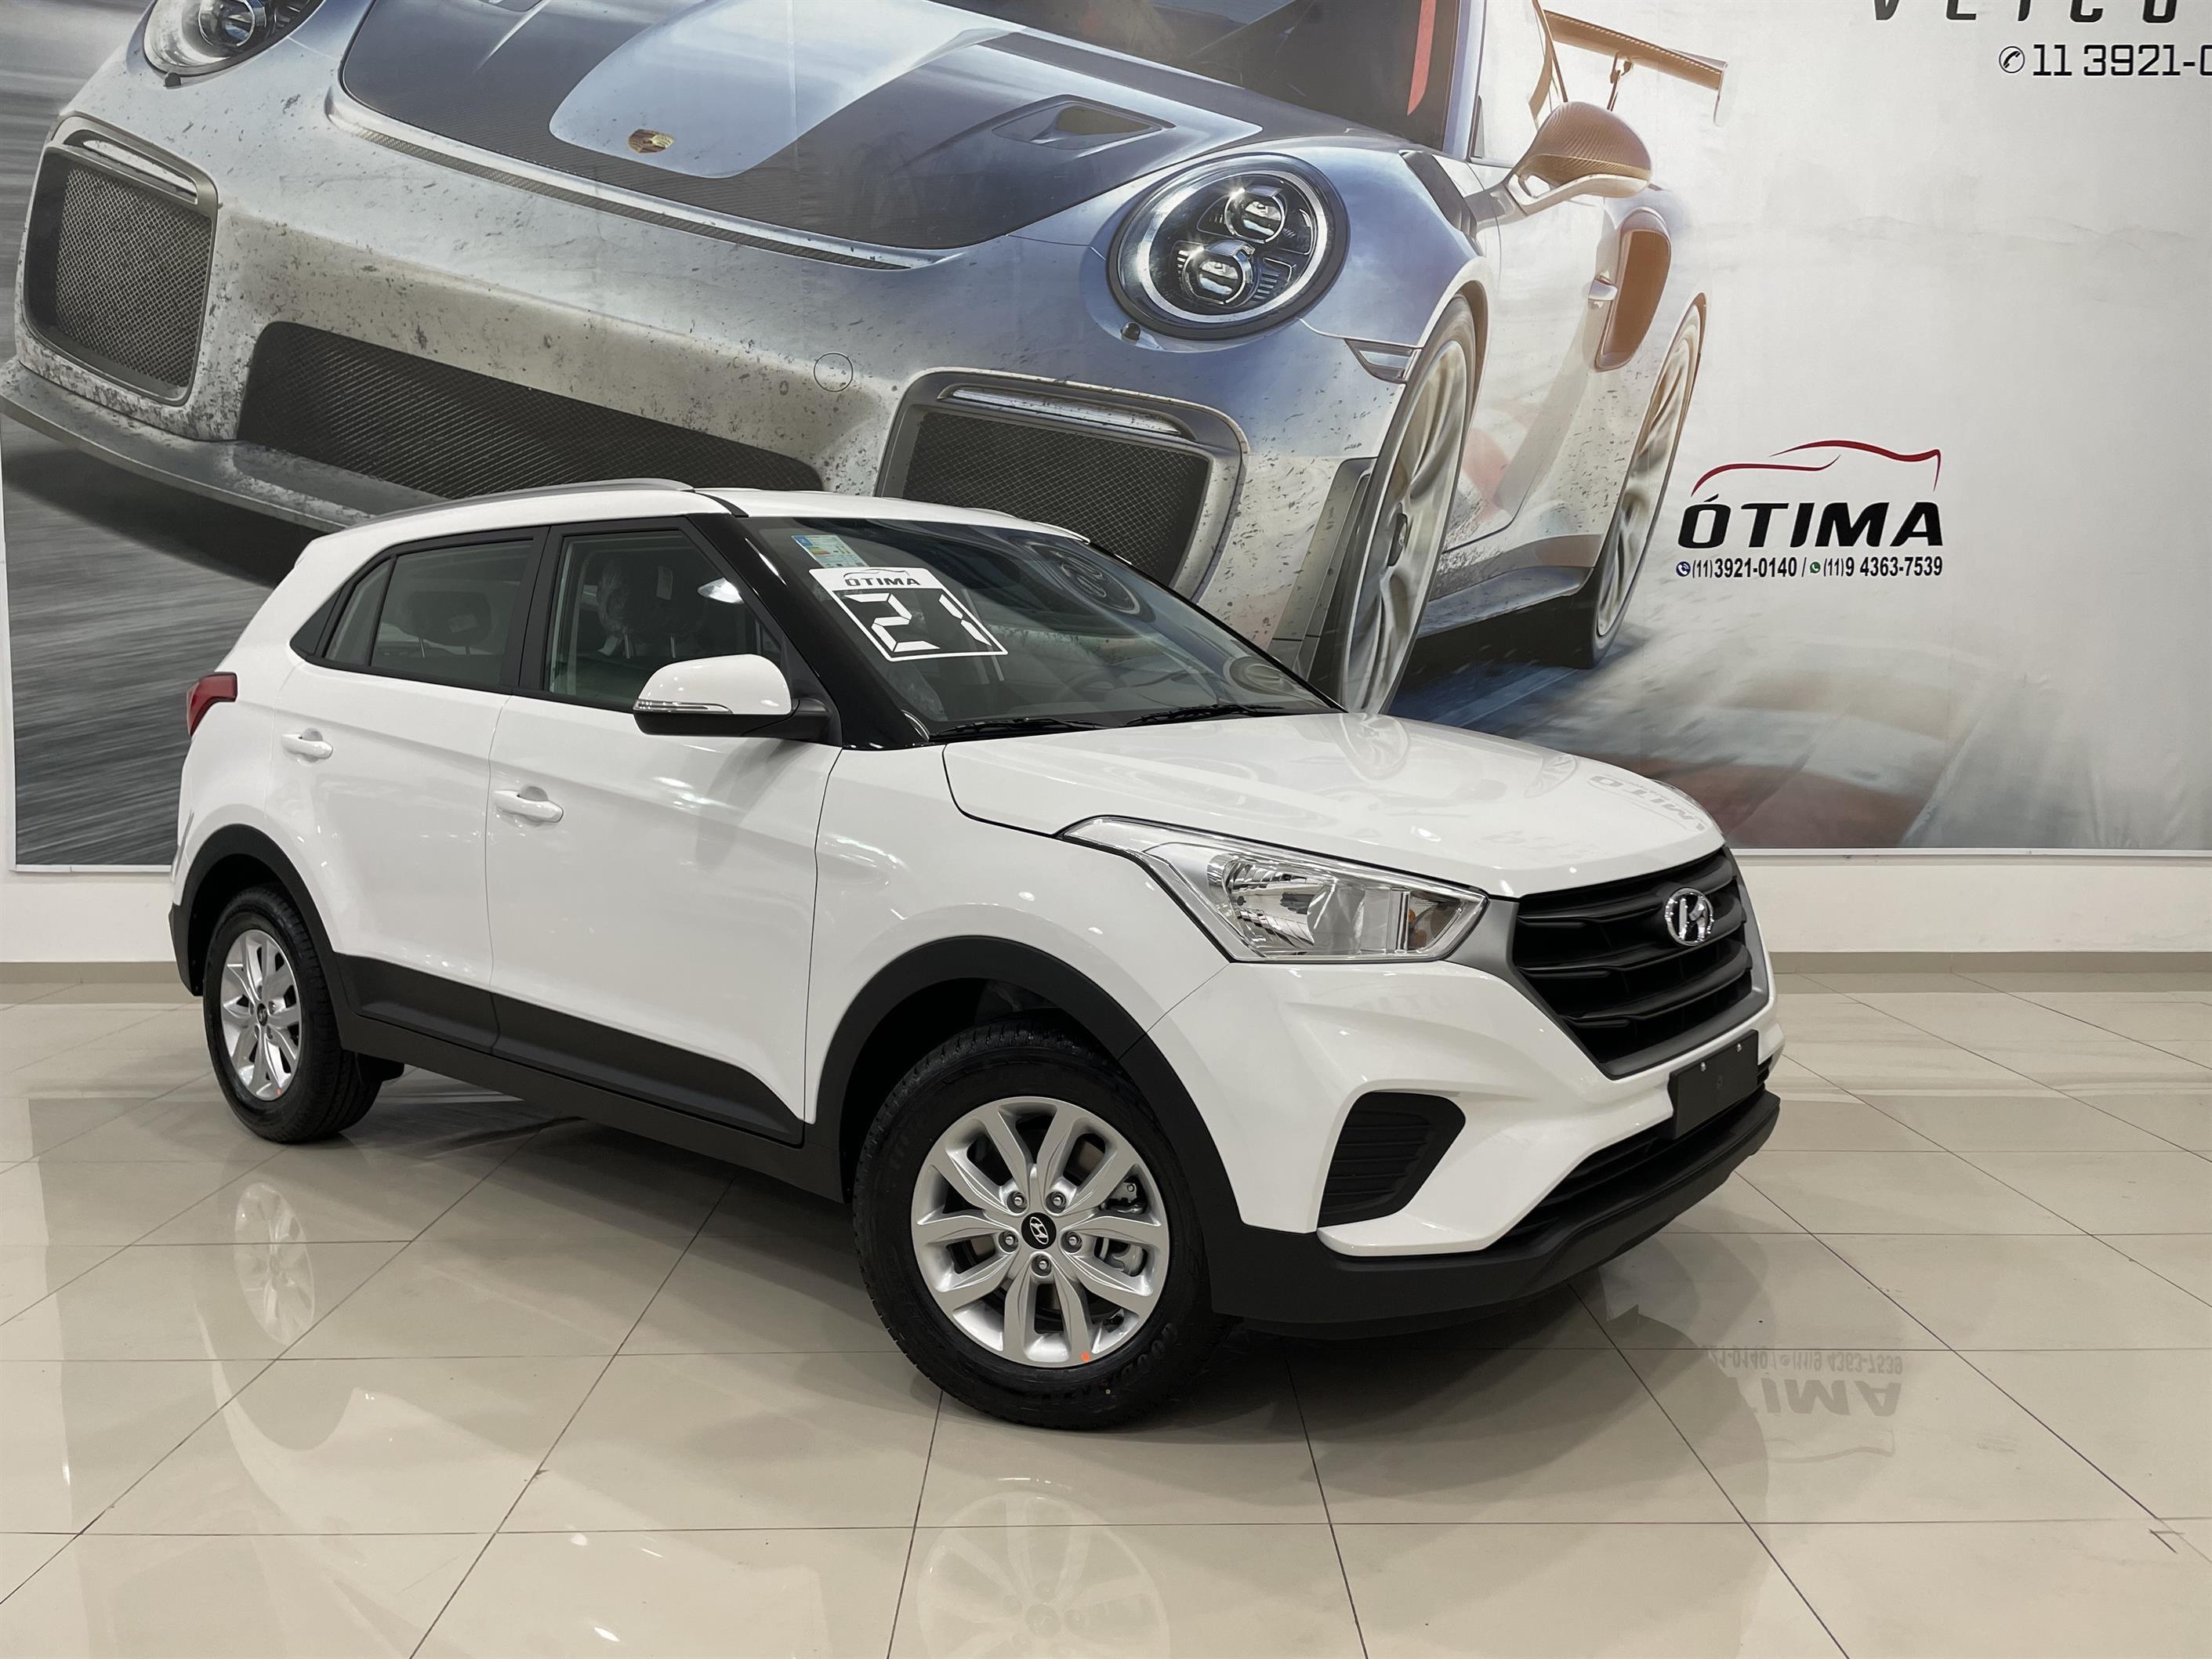 //www.autoline.com.br/carro/hyundai/creta-16-action-16v-flex-4p-automatico/2021/sao-paulo-sp/14947268